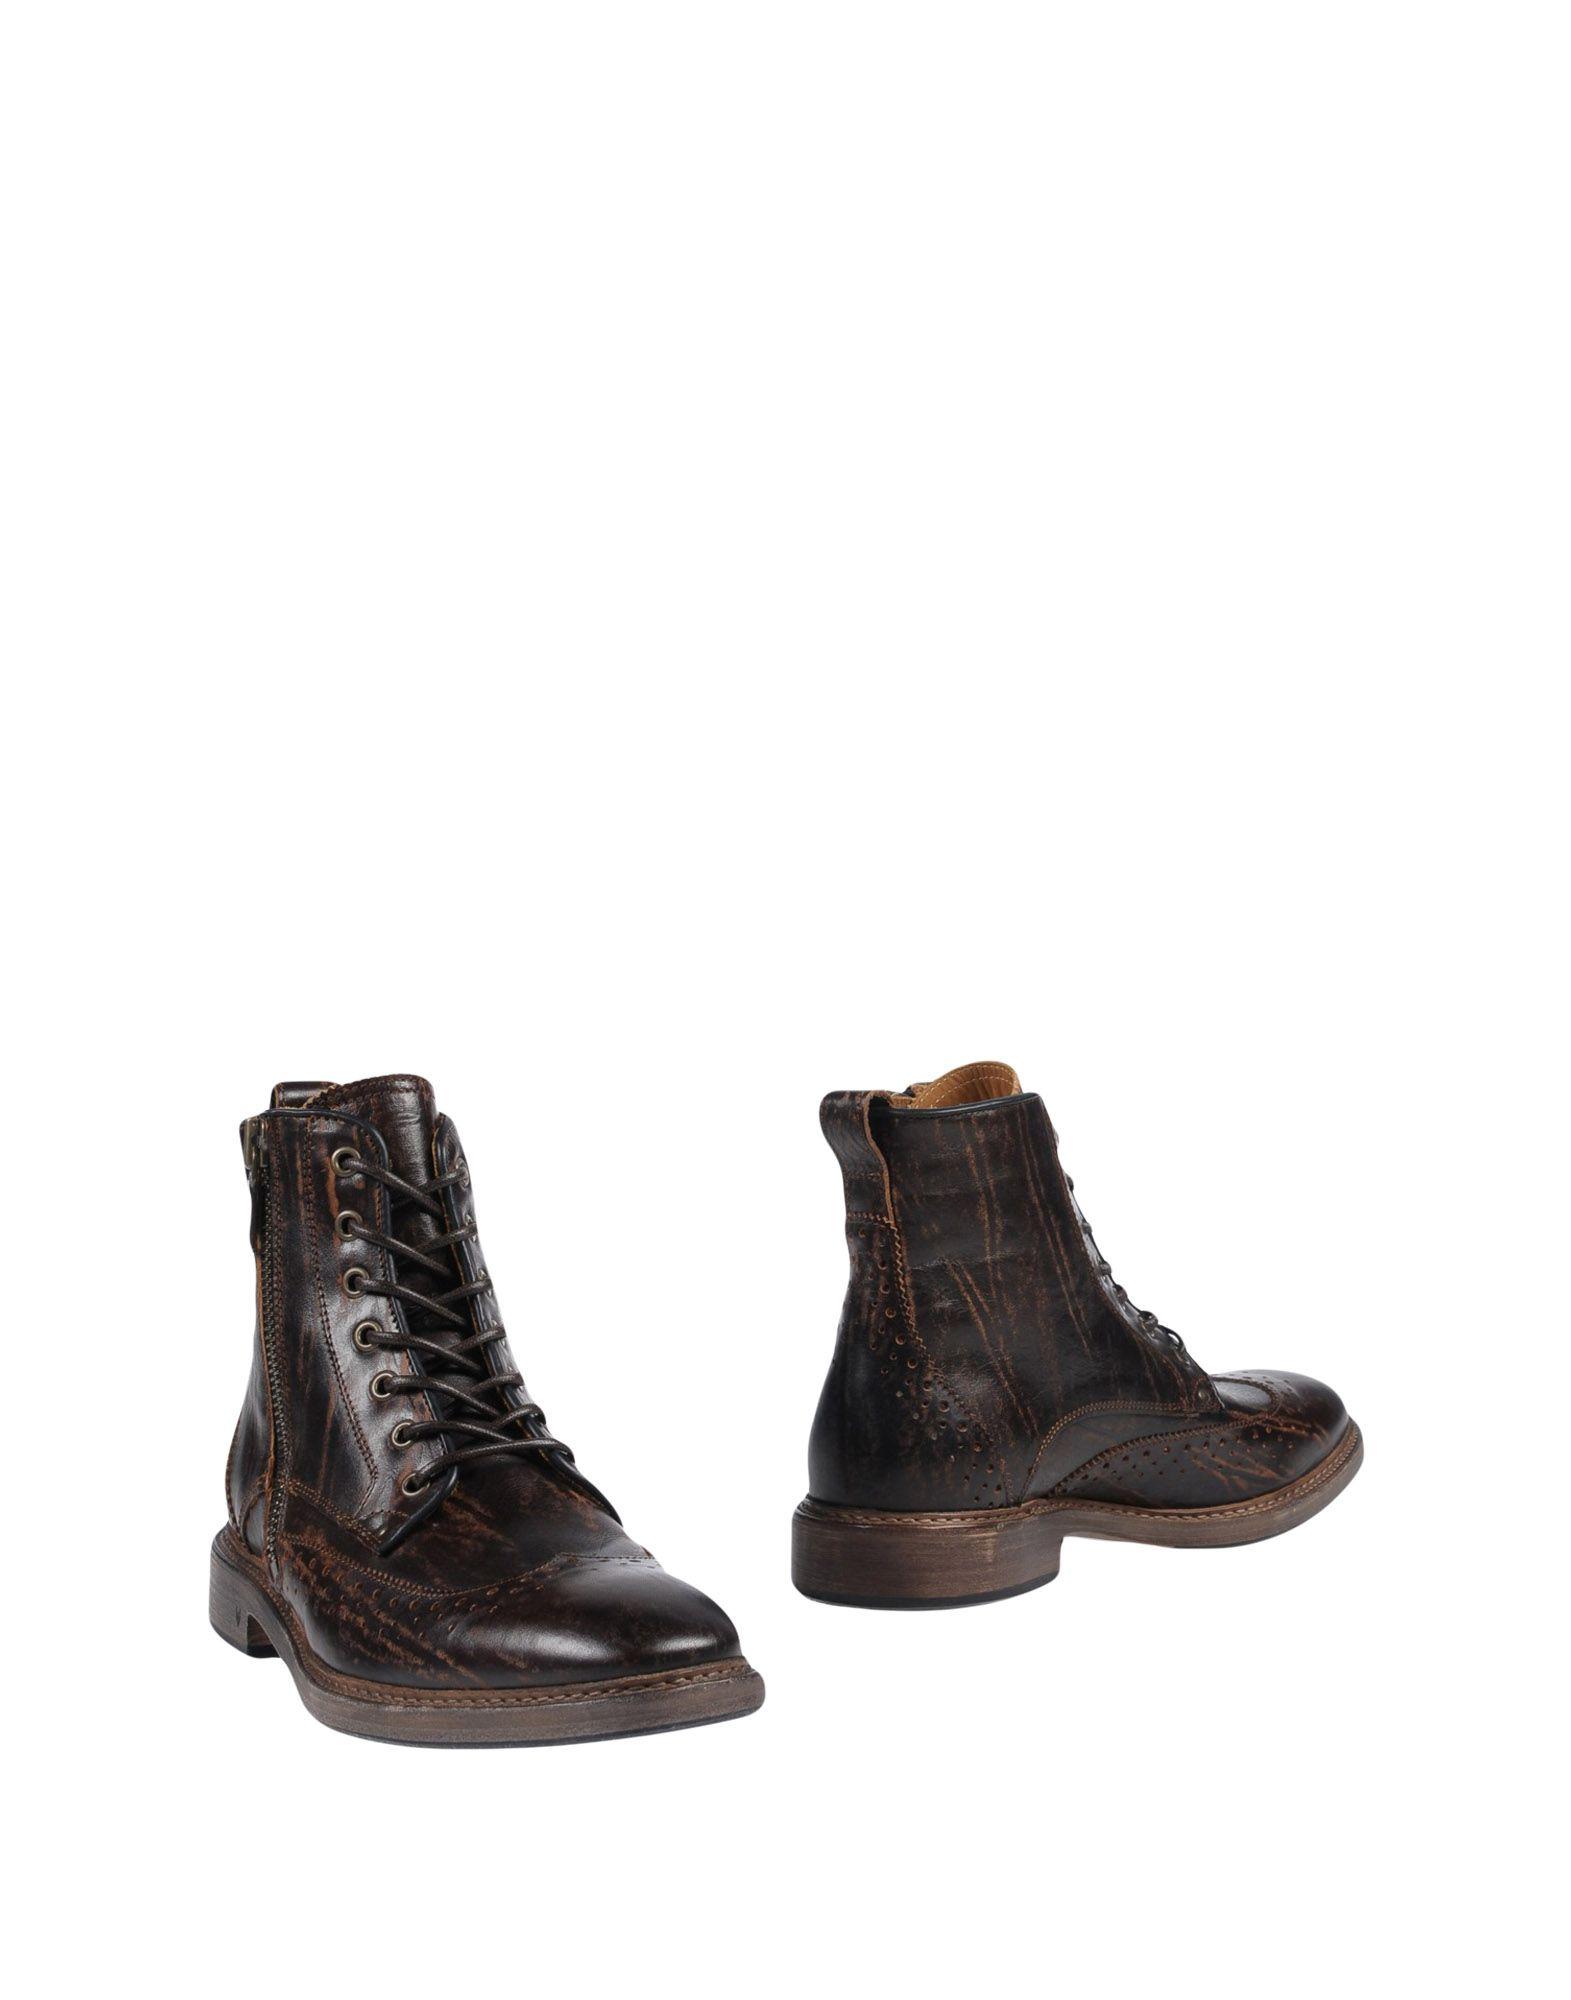 John Varvatos Stiefelette Herren  11440132SR Gute Qualität beliebte Schuhe